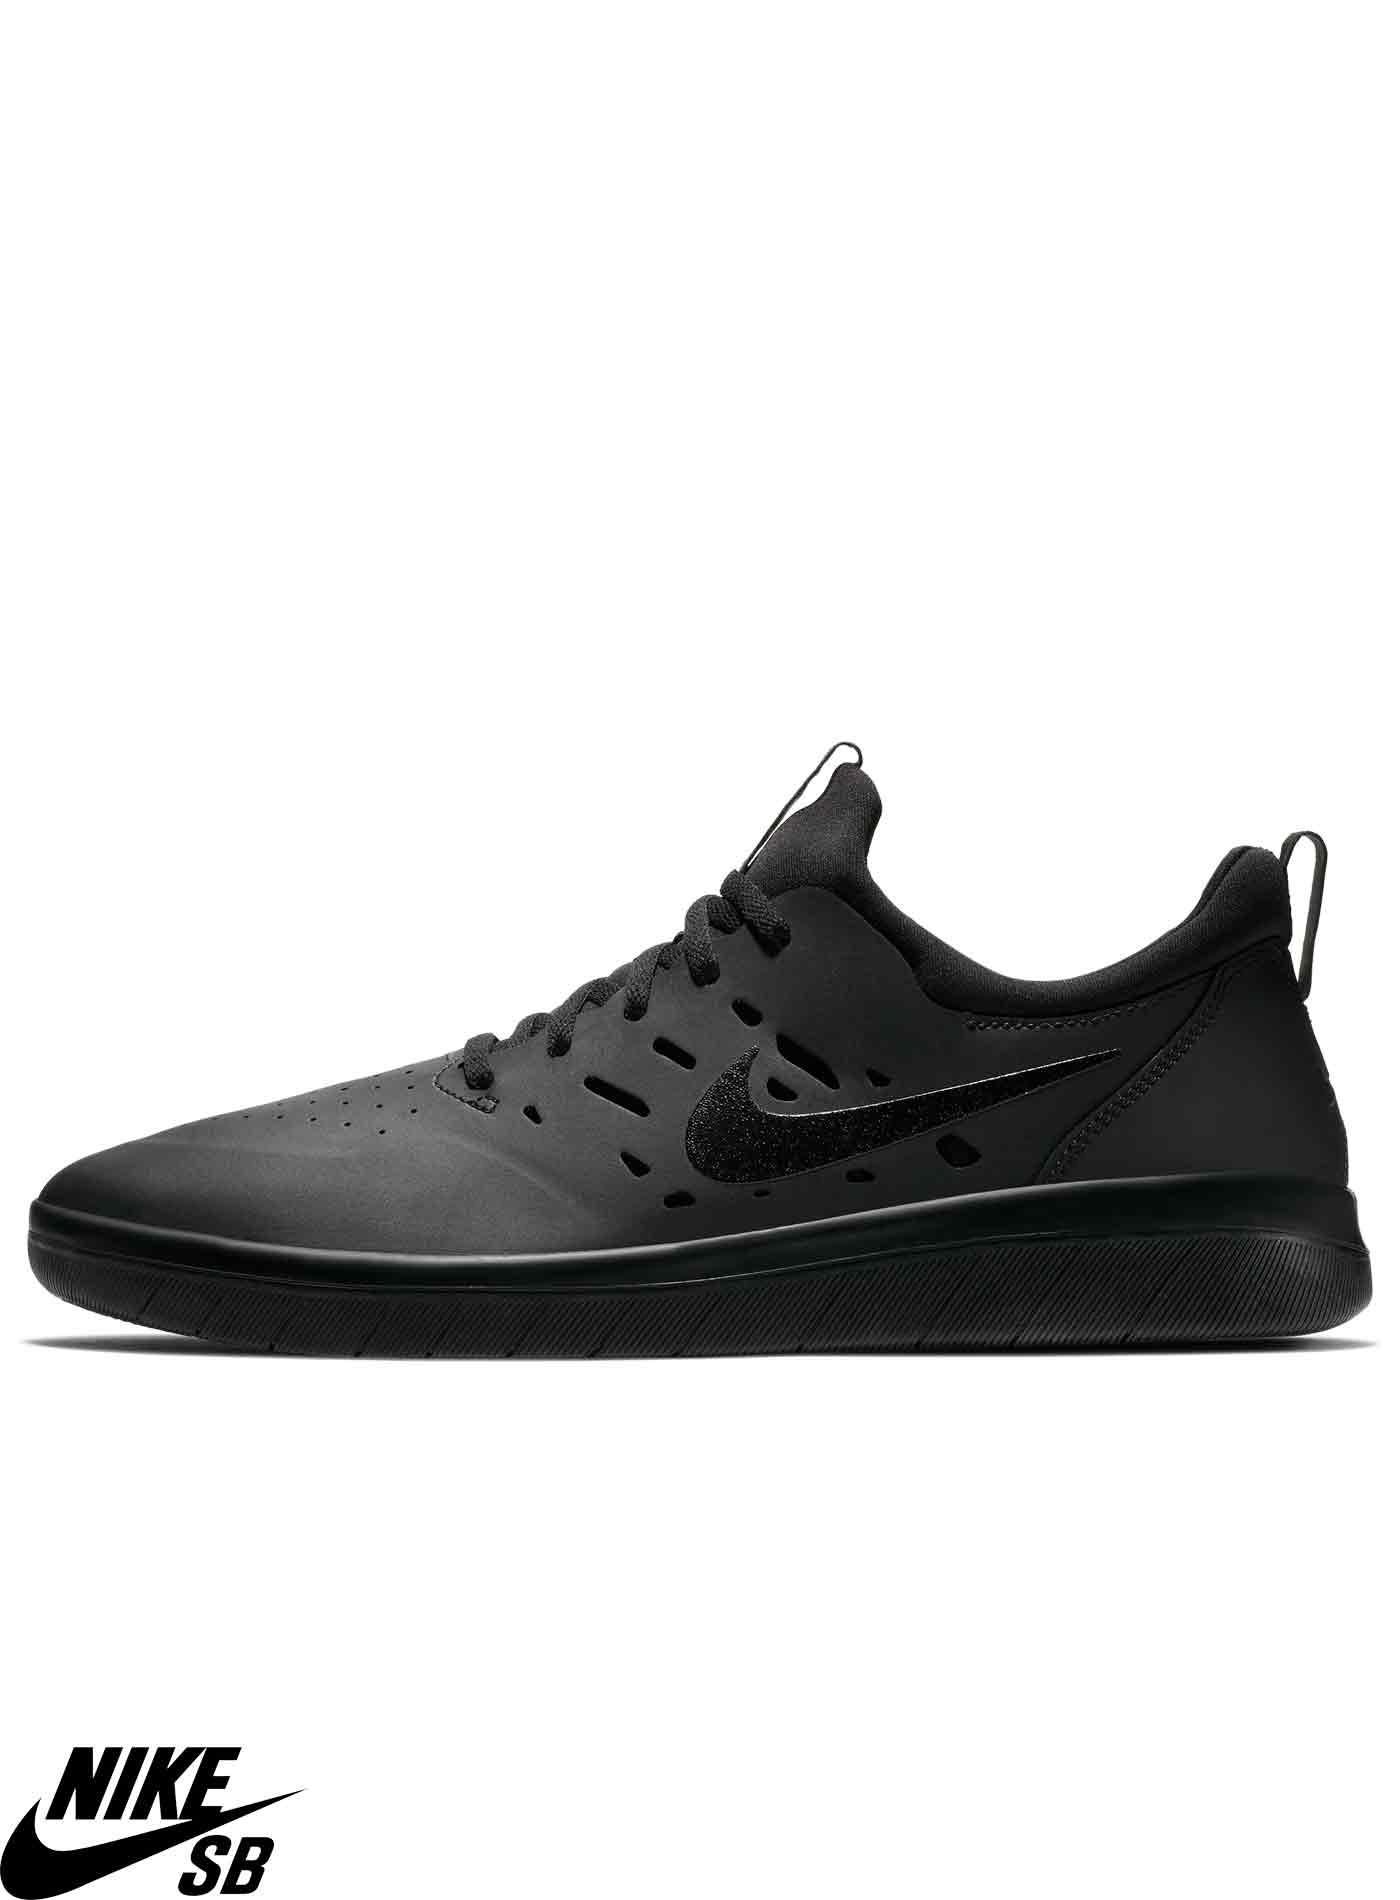 d926bc35fb1d Nike SB Nyjah Free Skateboarding Black Skate Shoes